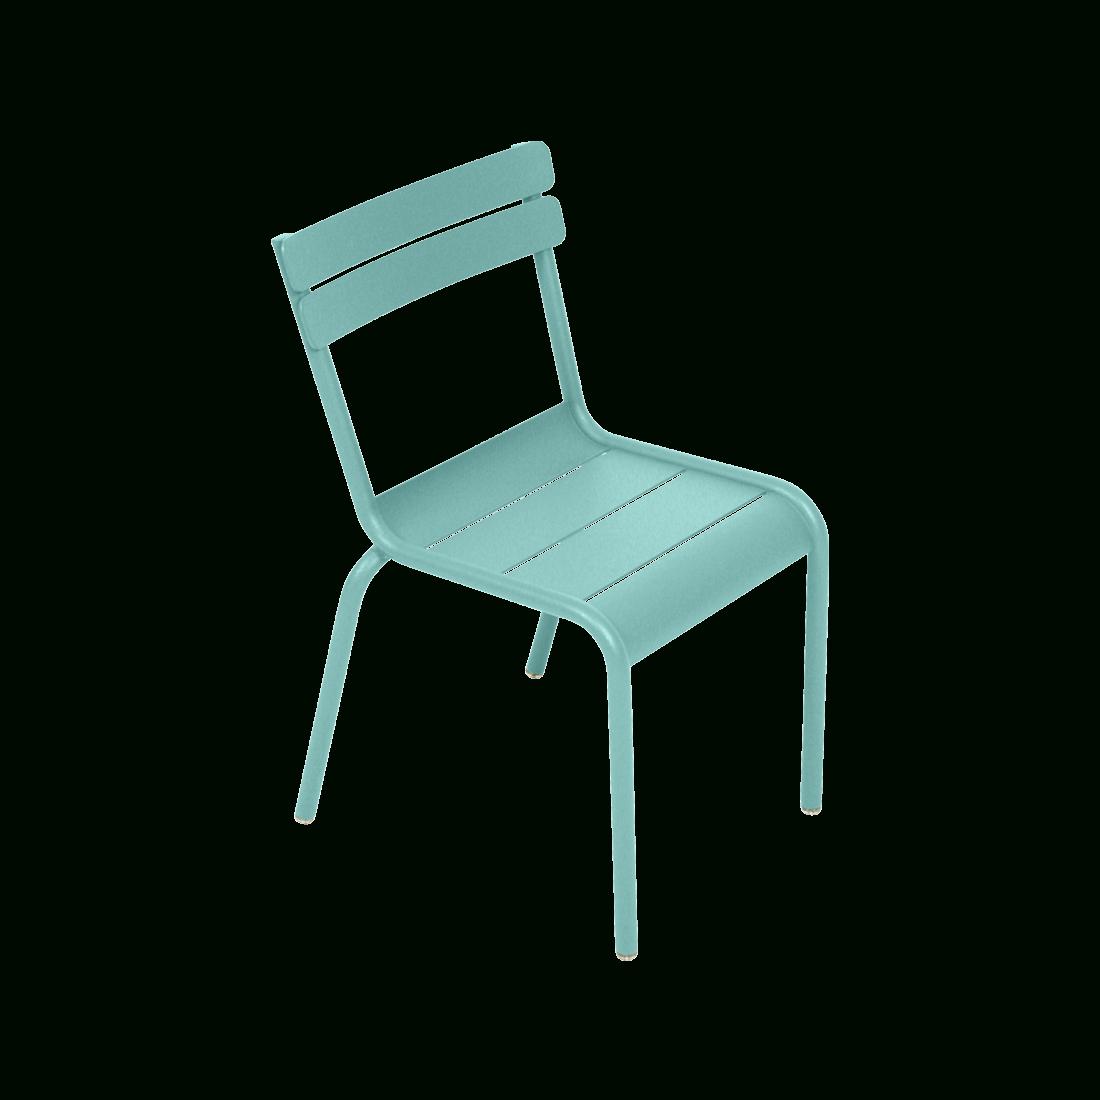 Chaise Luxembourg Kid, Chaise En Métal pour Table Et Chaise Jardin Enfant